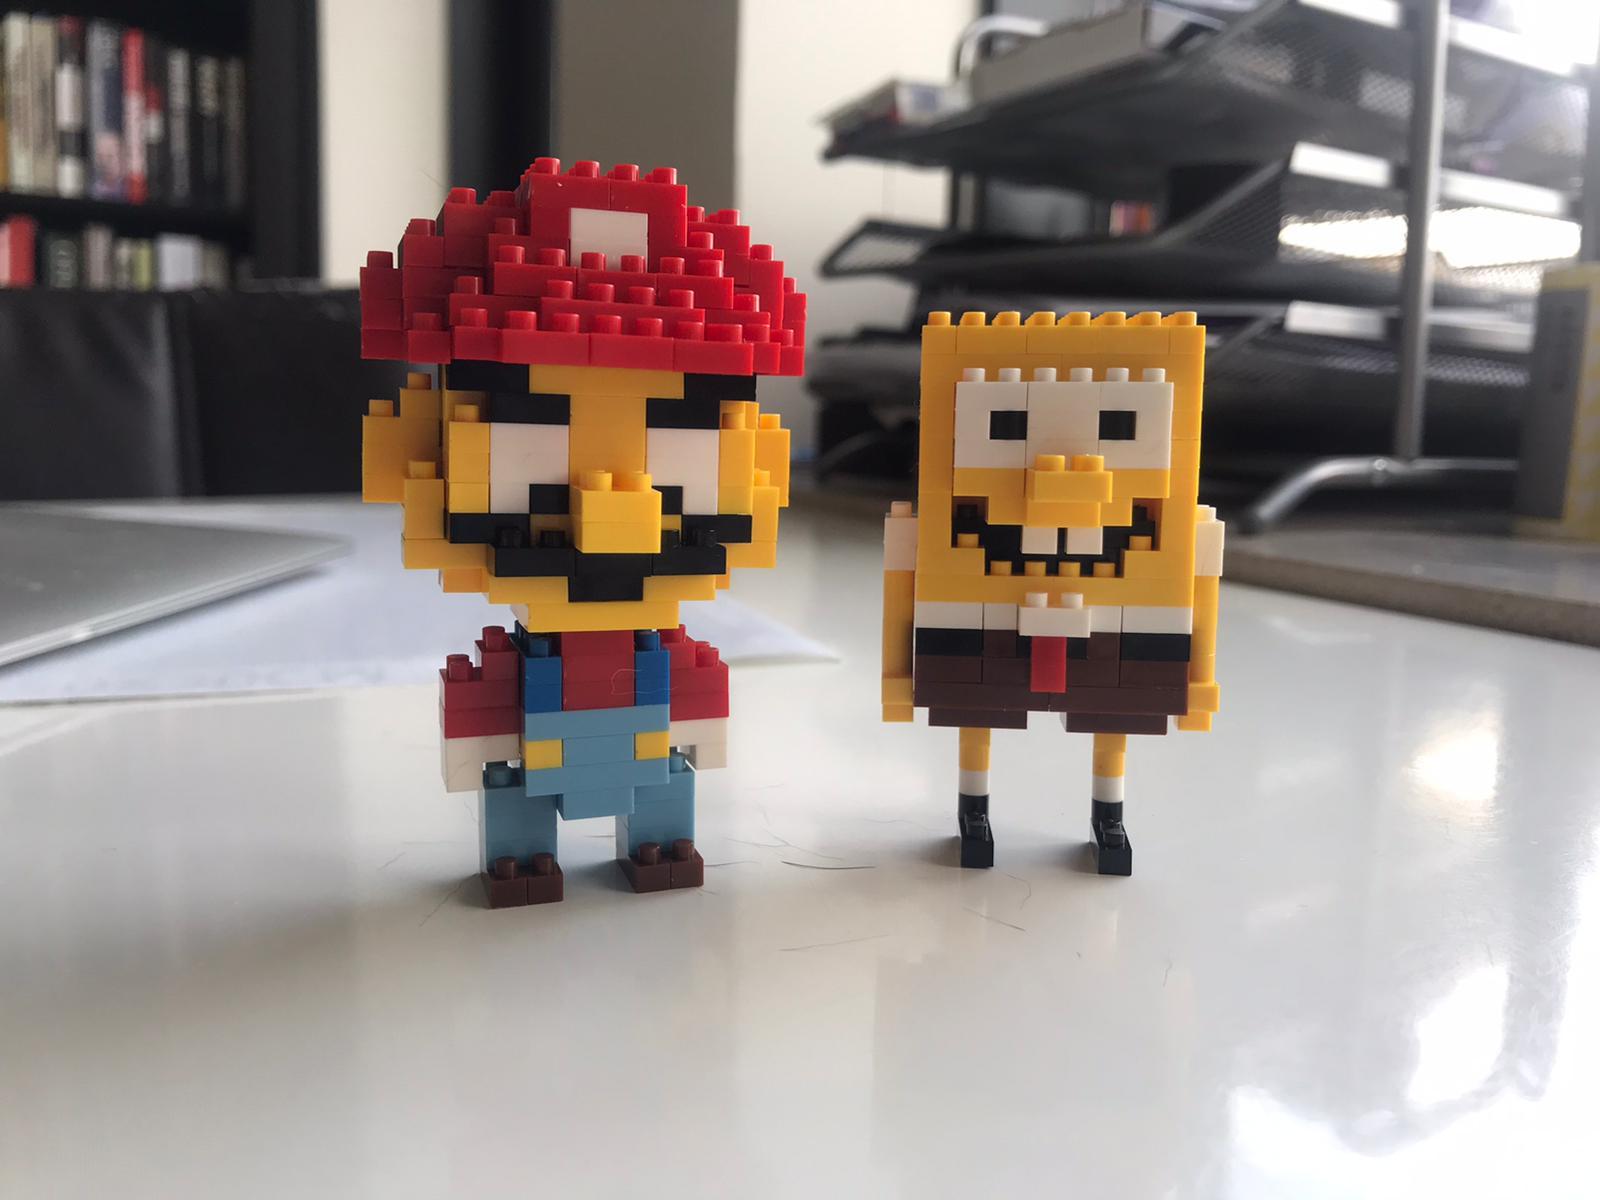 Miniblock Super Mario en Spongebob Squarepants